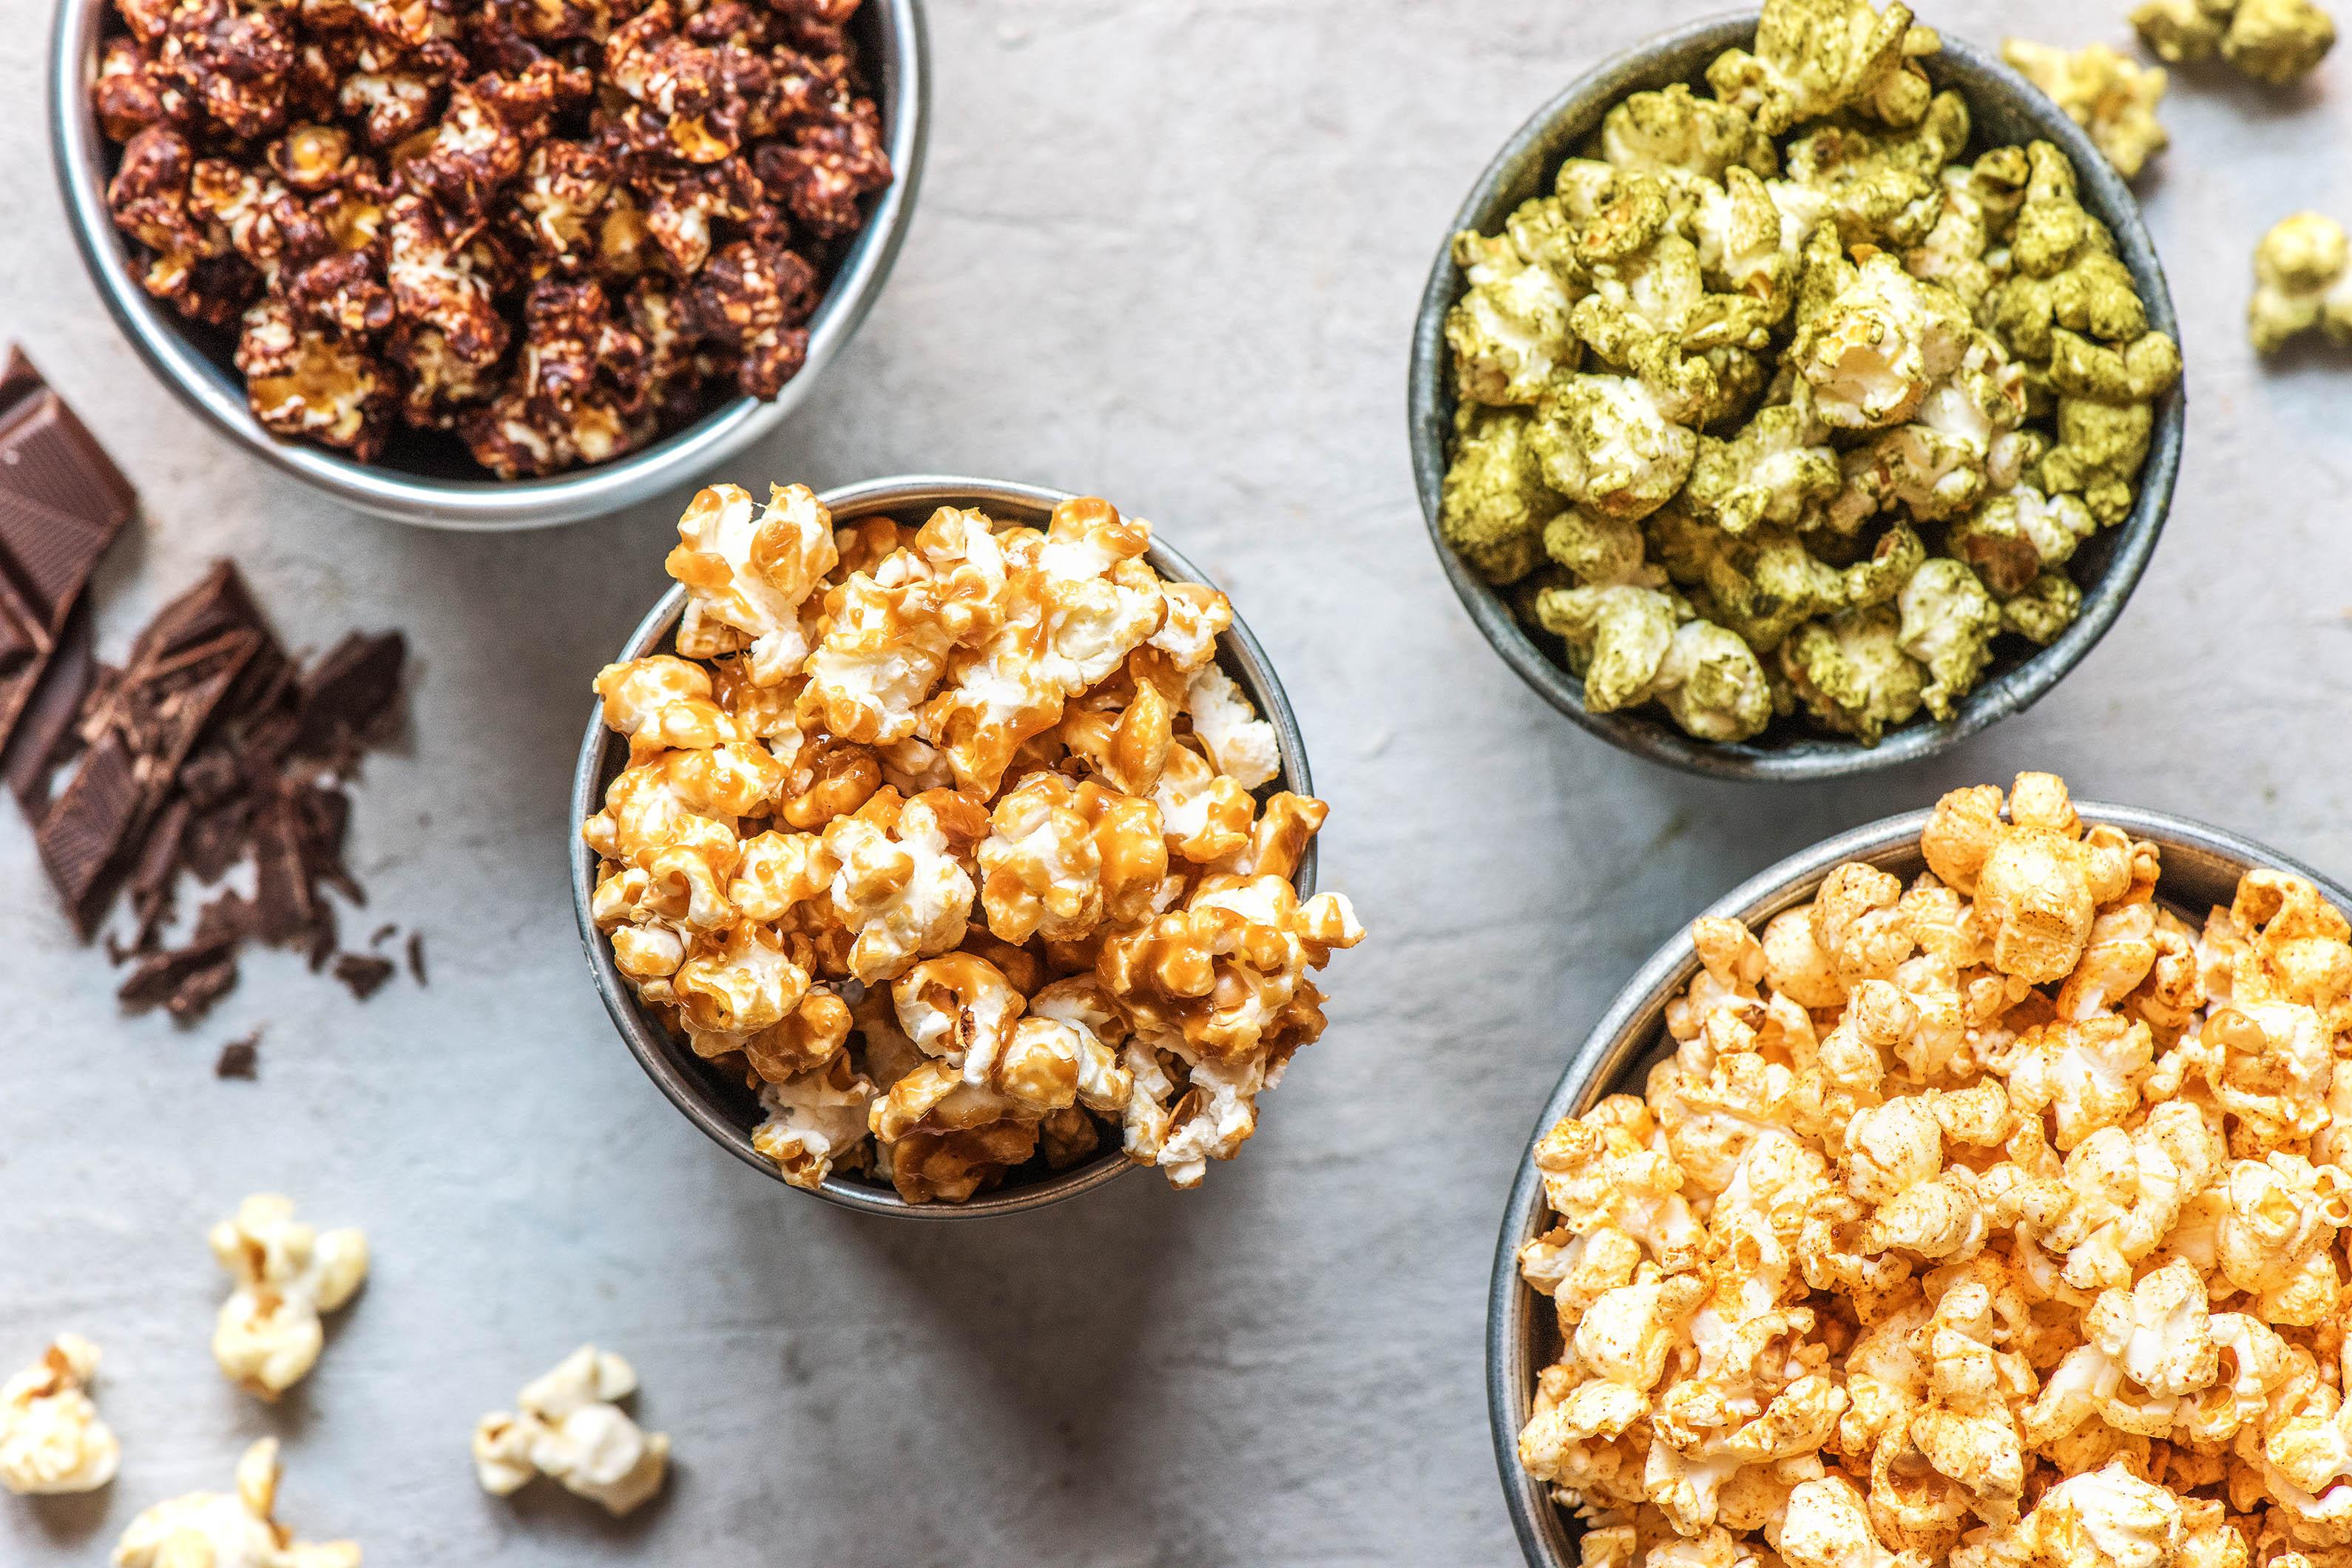 flavored popcorn-HelloFresh-super bowl recipes